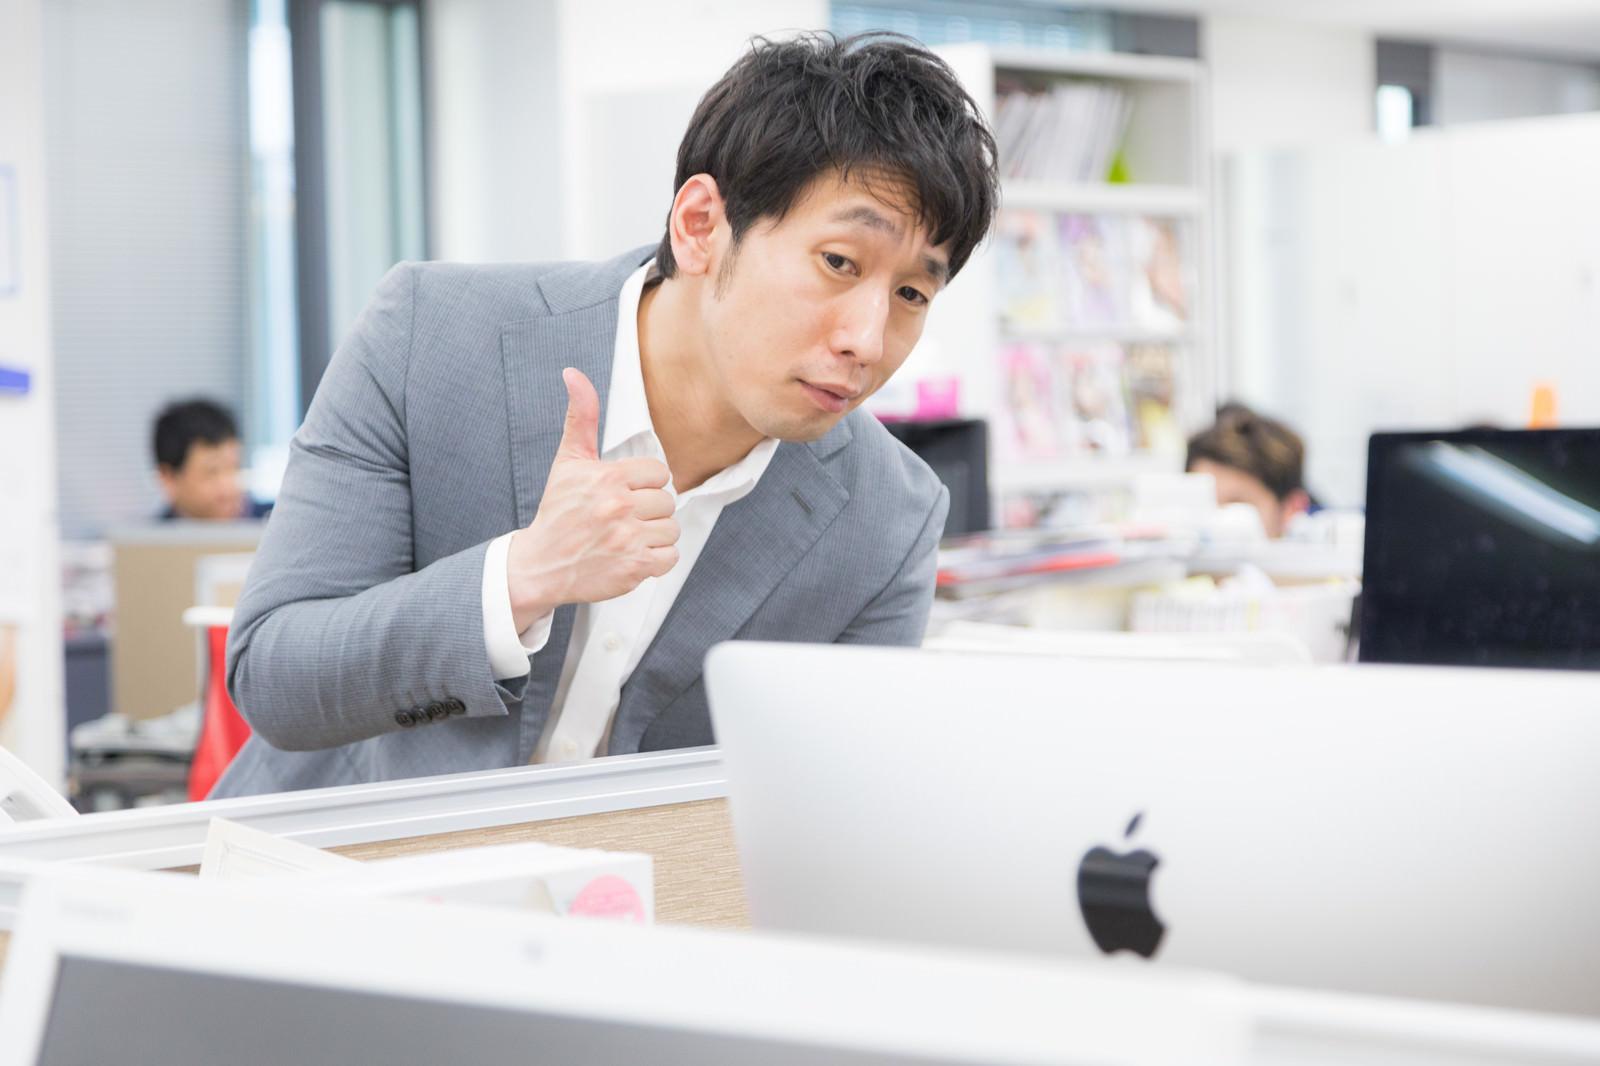 「デザインカンプを褒めるウェブディレクターデザインカンプを褒めるウェブディレクター」[モデル:大川竜弥]のフリー写真素材を拡大